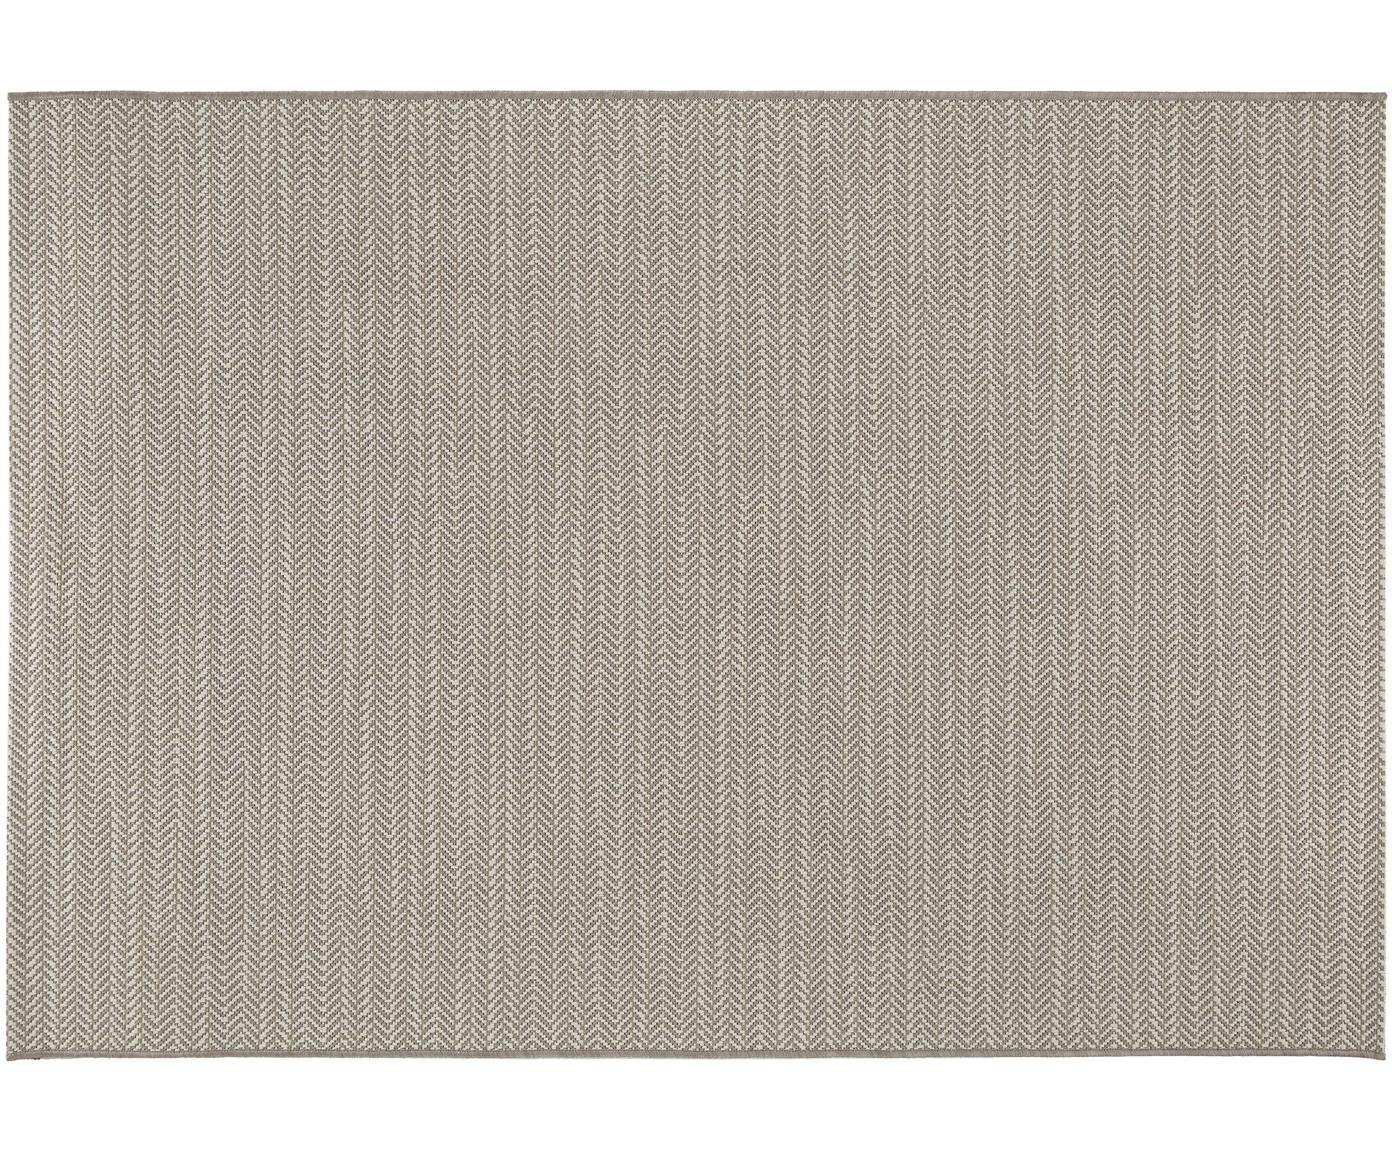 Dywan wewnętrzny/zewnętrzny Metro Needle, Polipropylen, Beżowy, S 80 x D 150 cm (Rozmiar XS)